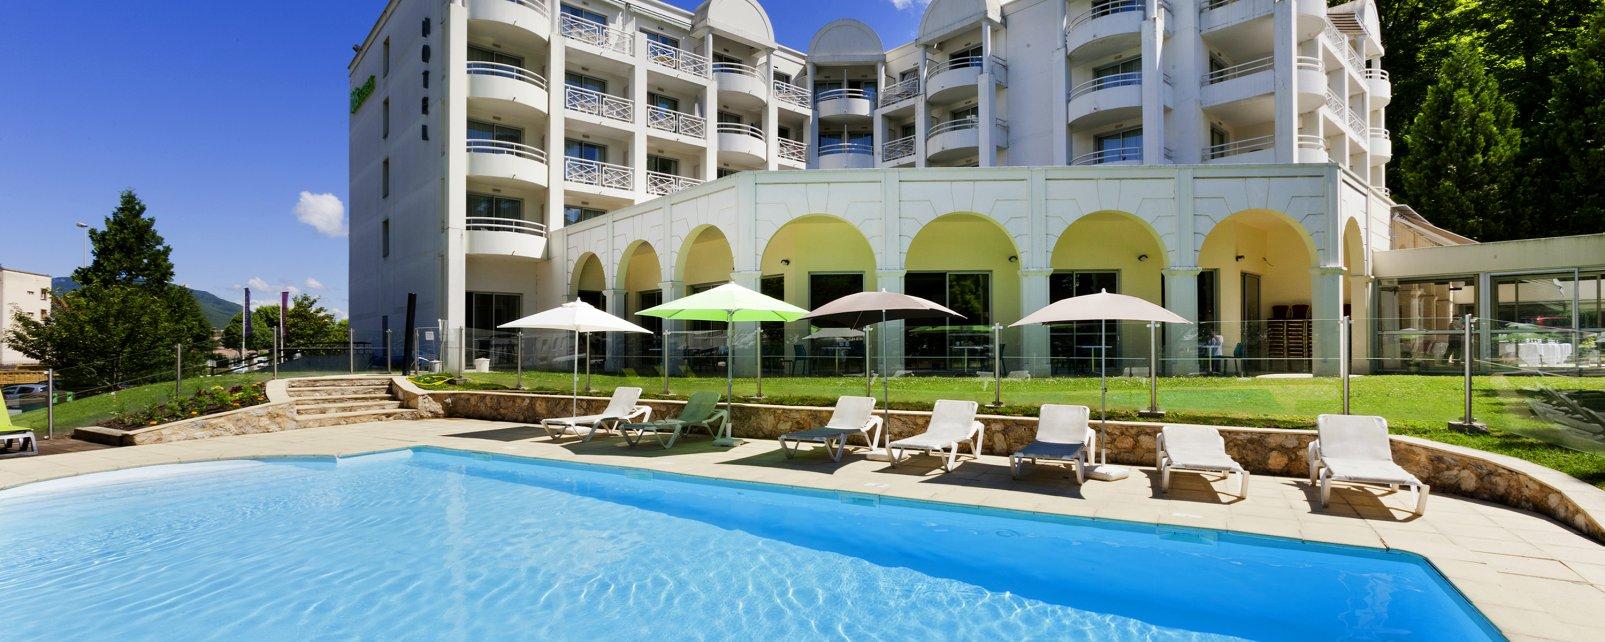 Hôtel Mercure Thalassa Aix-Les-Bains Ariana